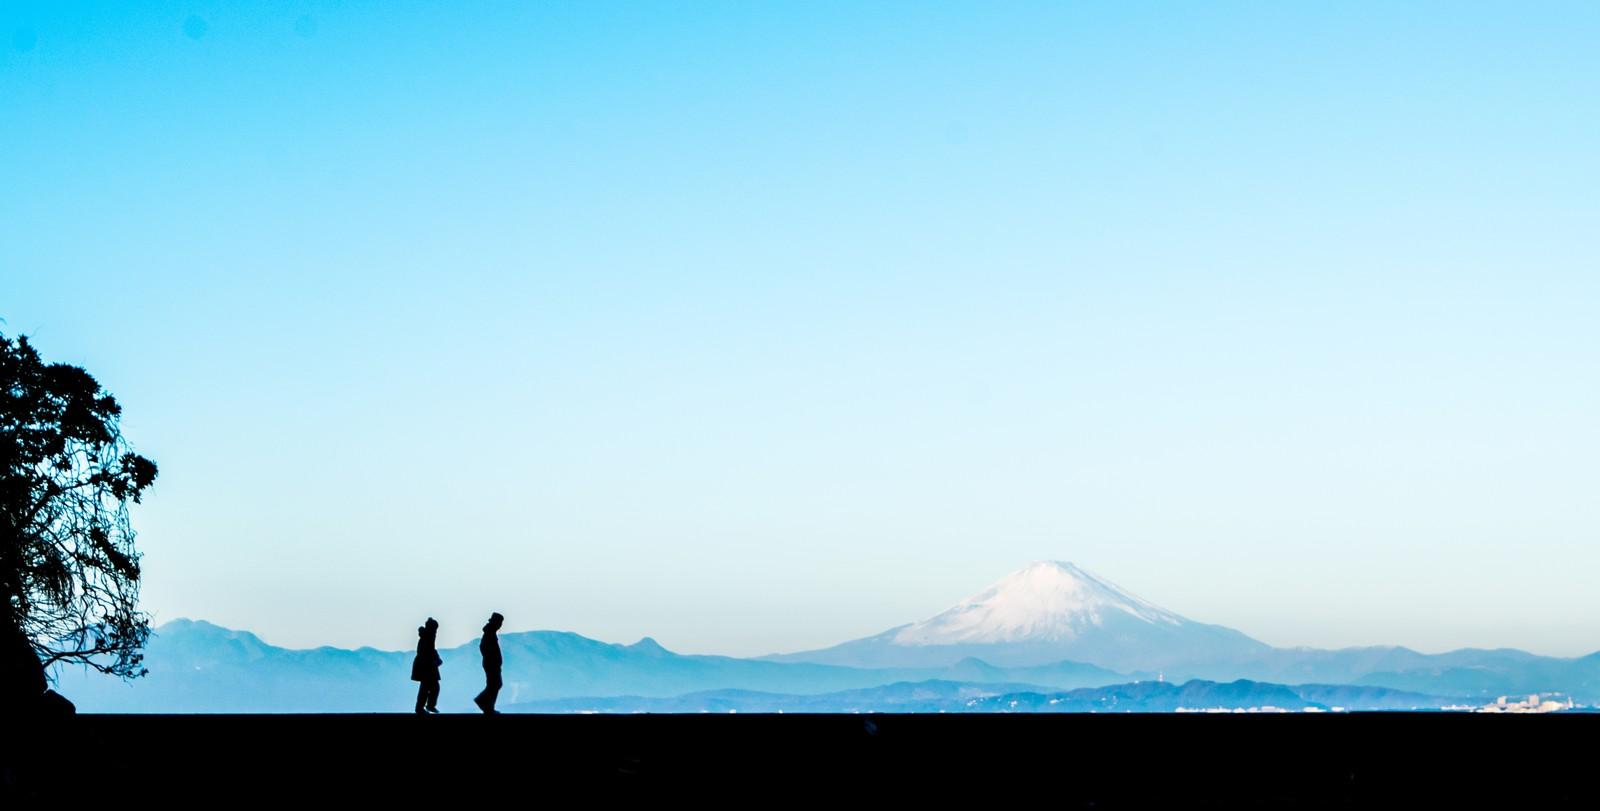 鮫島純子が日課にした散歩